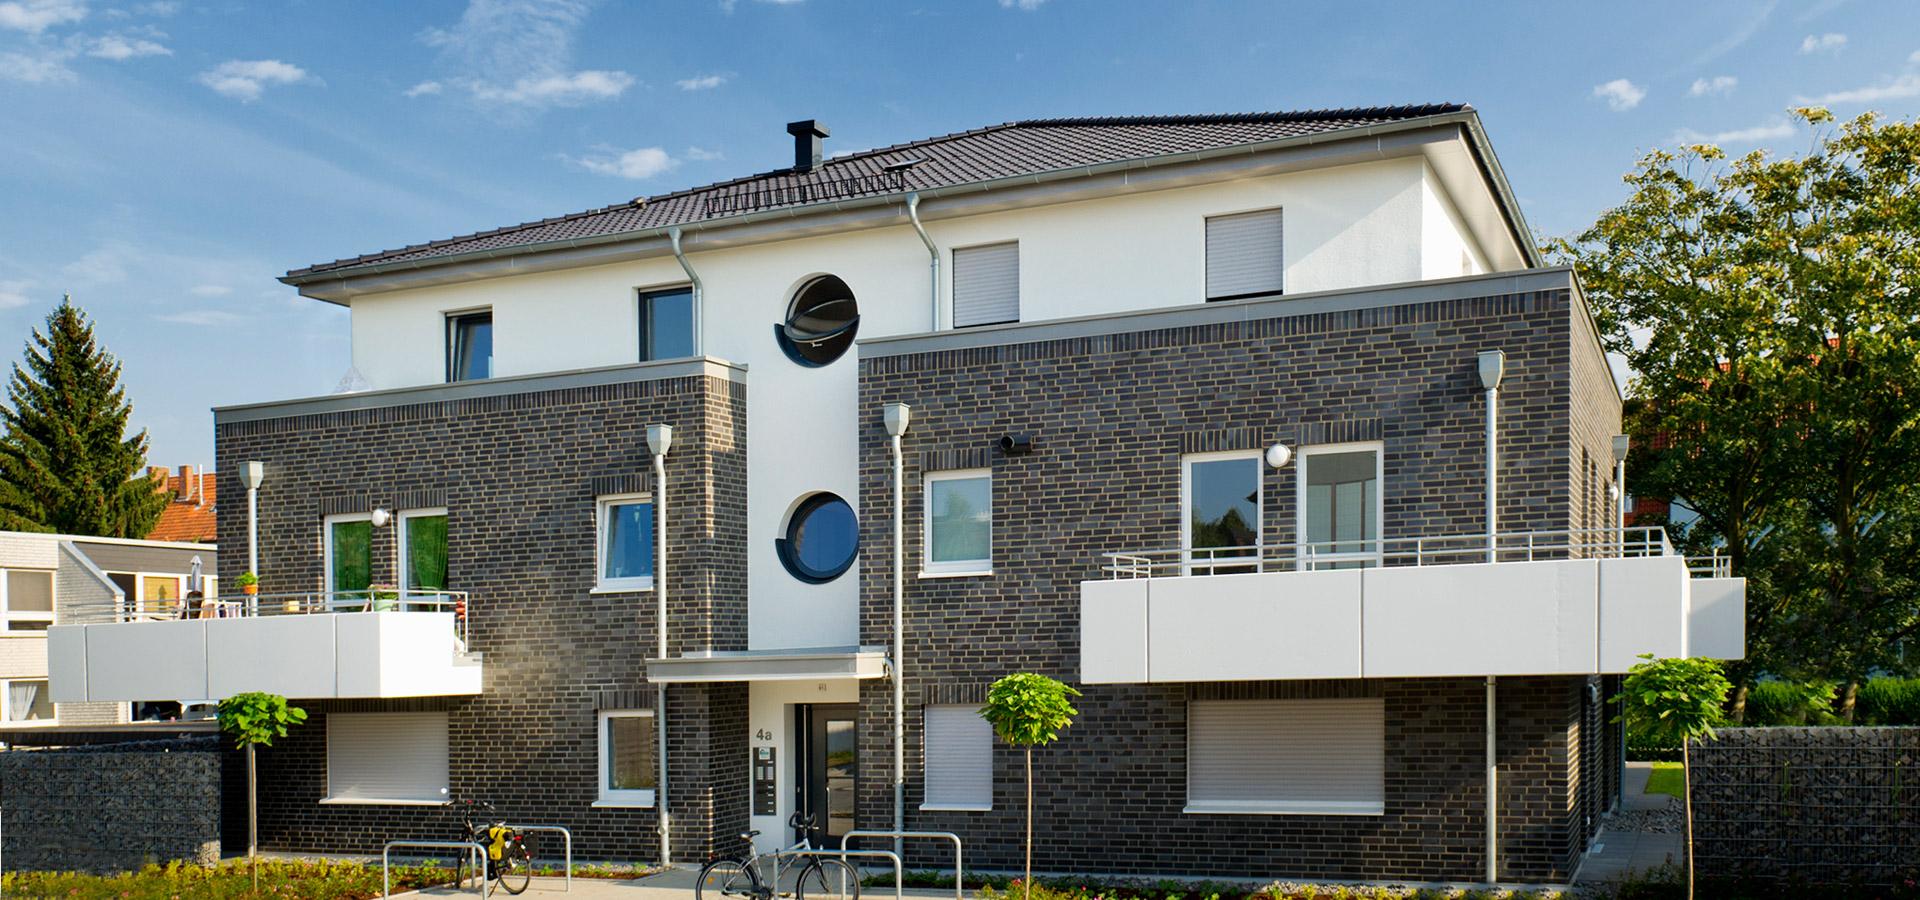 Wohnungsbaugenossenschaft_Osnabrück_Wohnungssuche